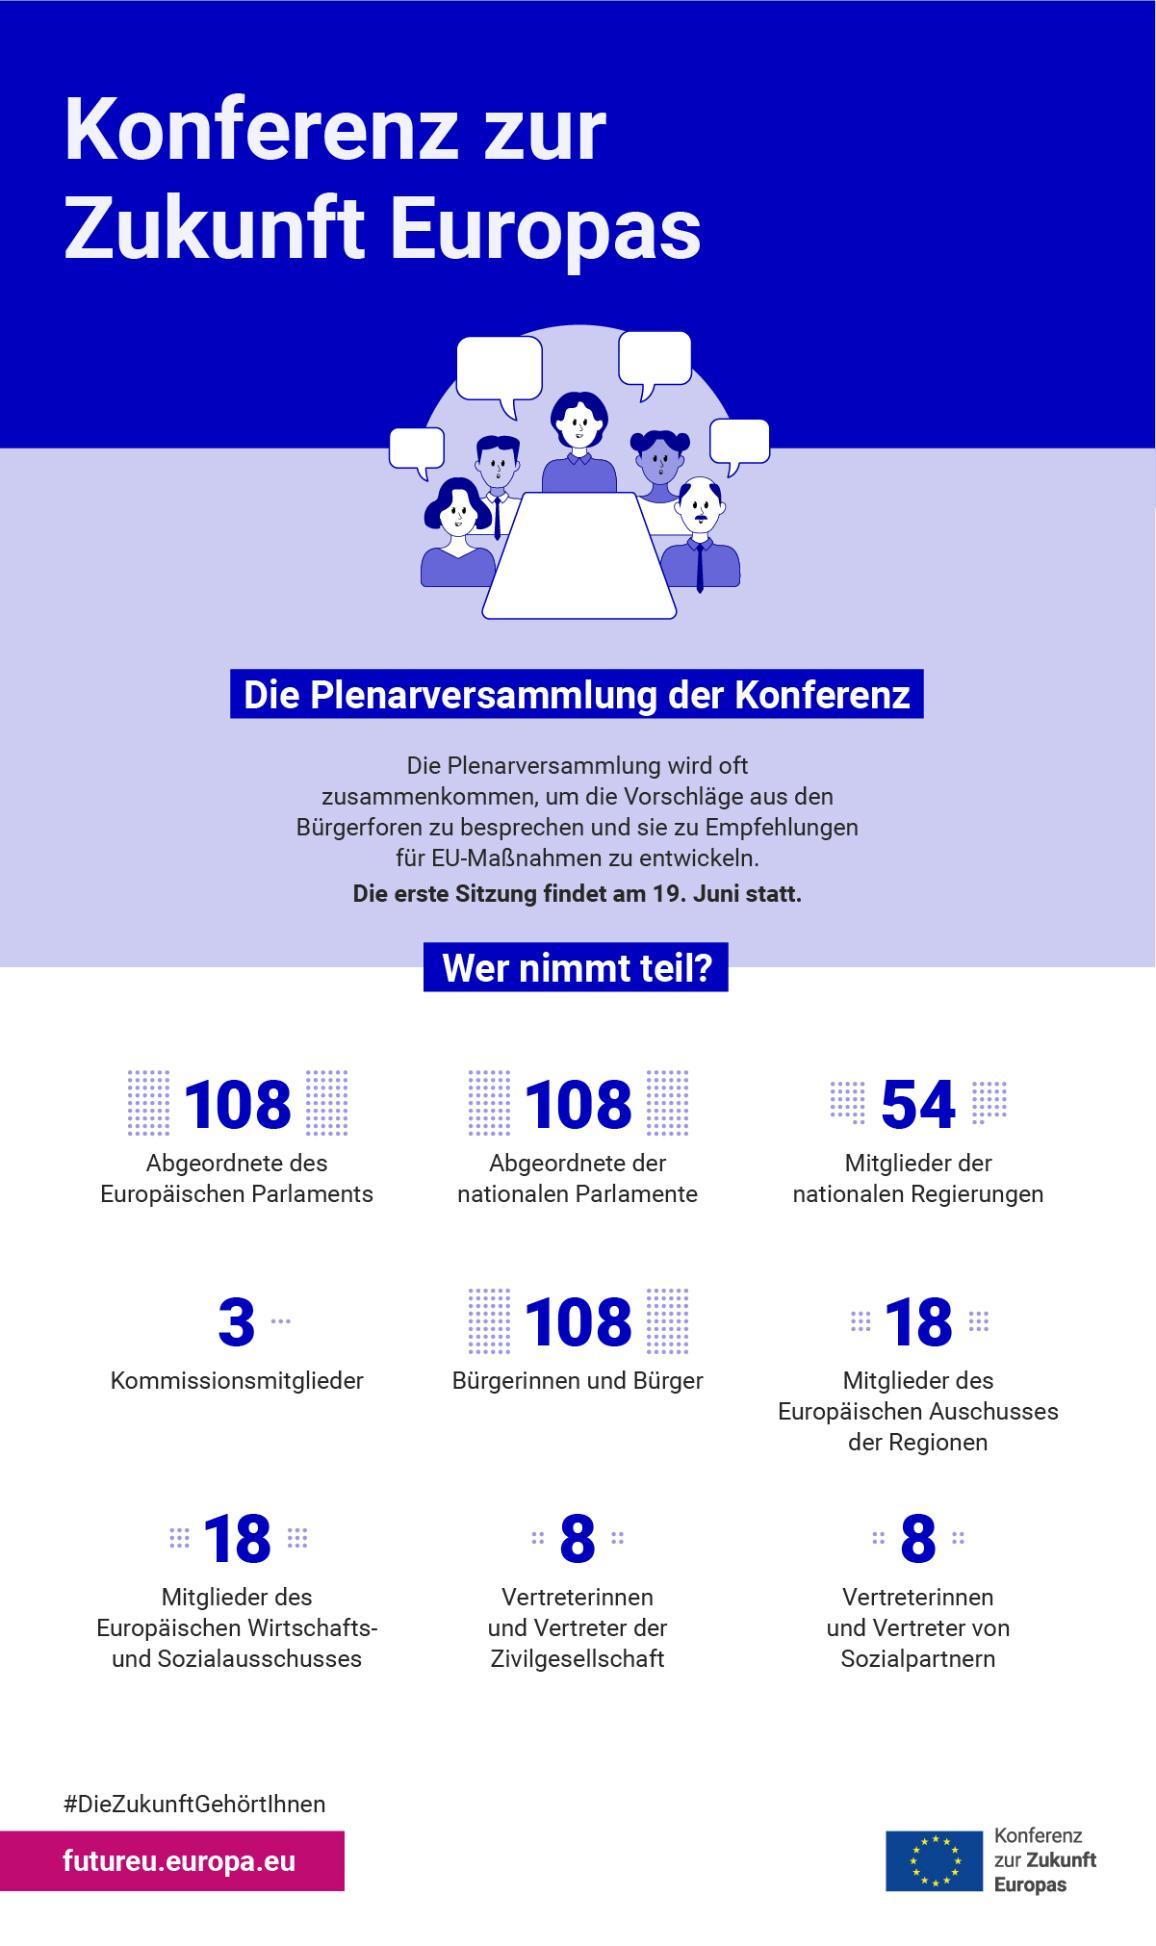 Infografik zur Plenarversammlung der Konferenz